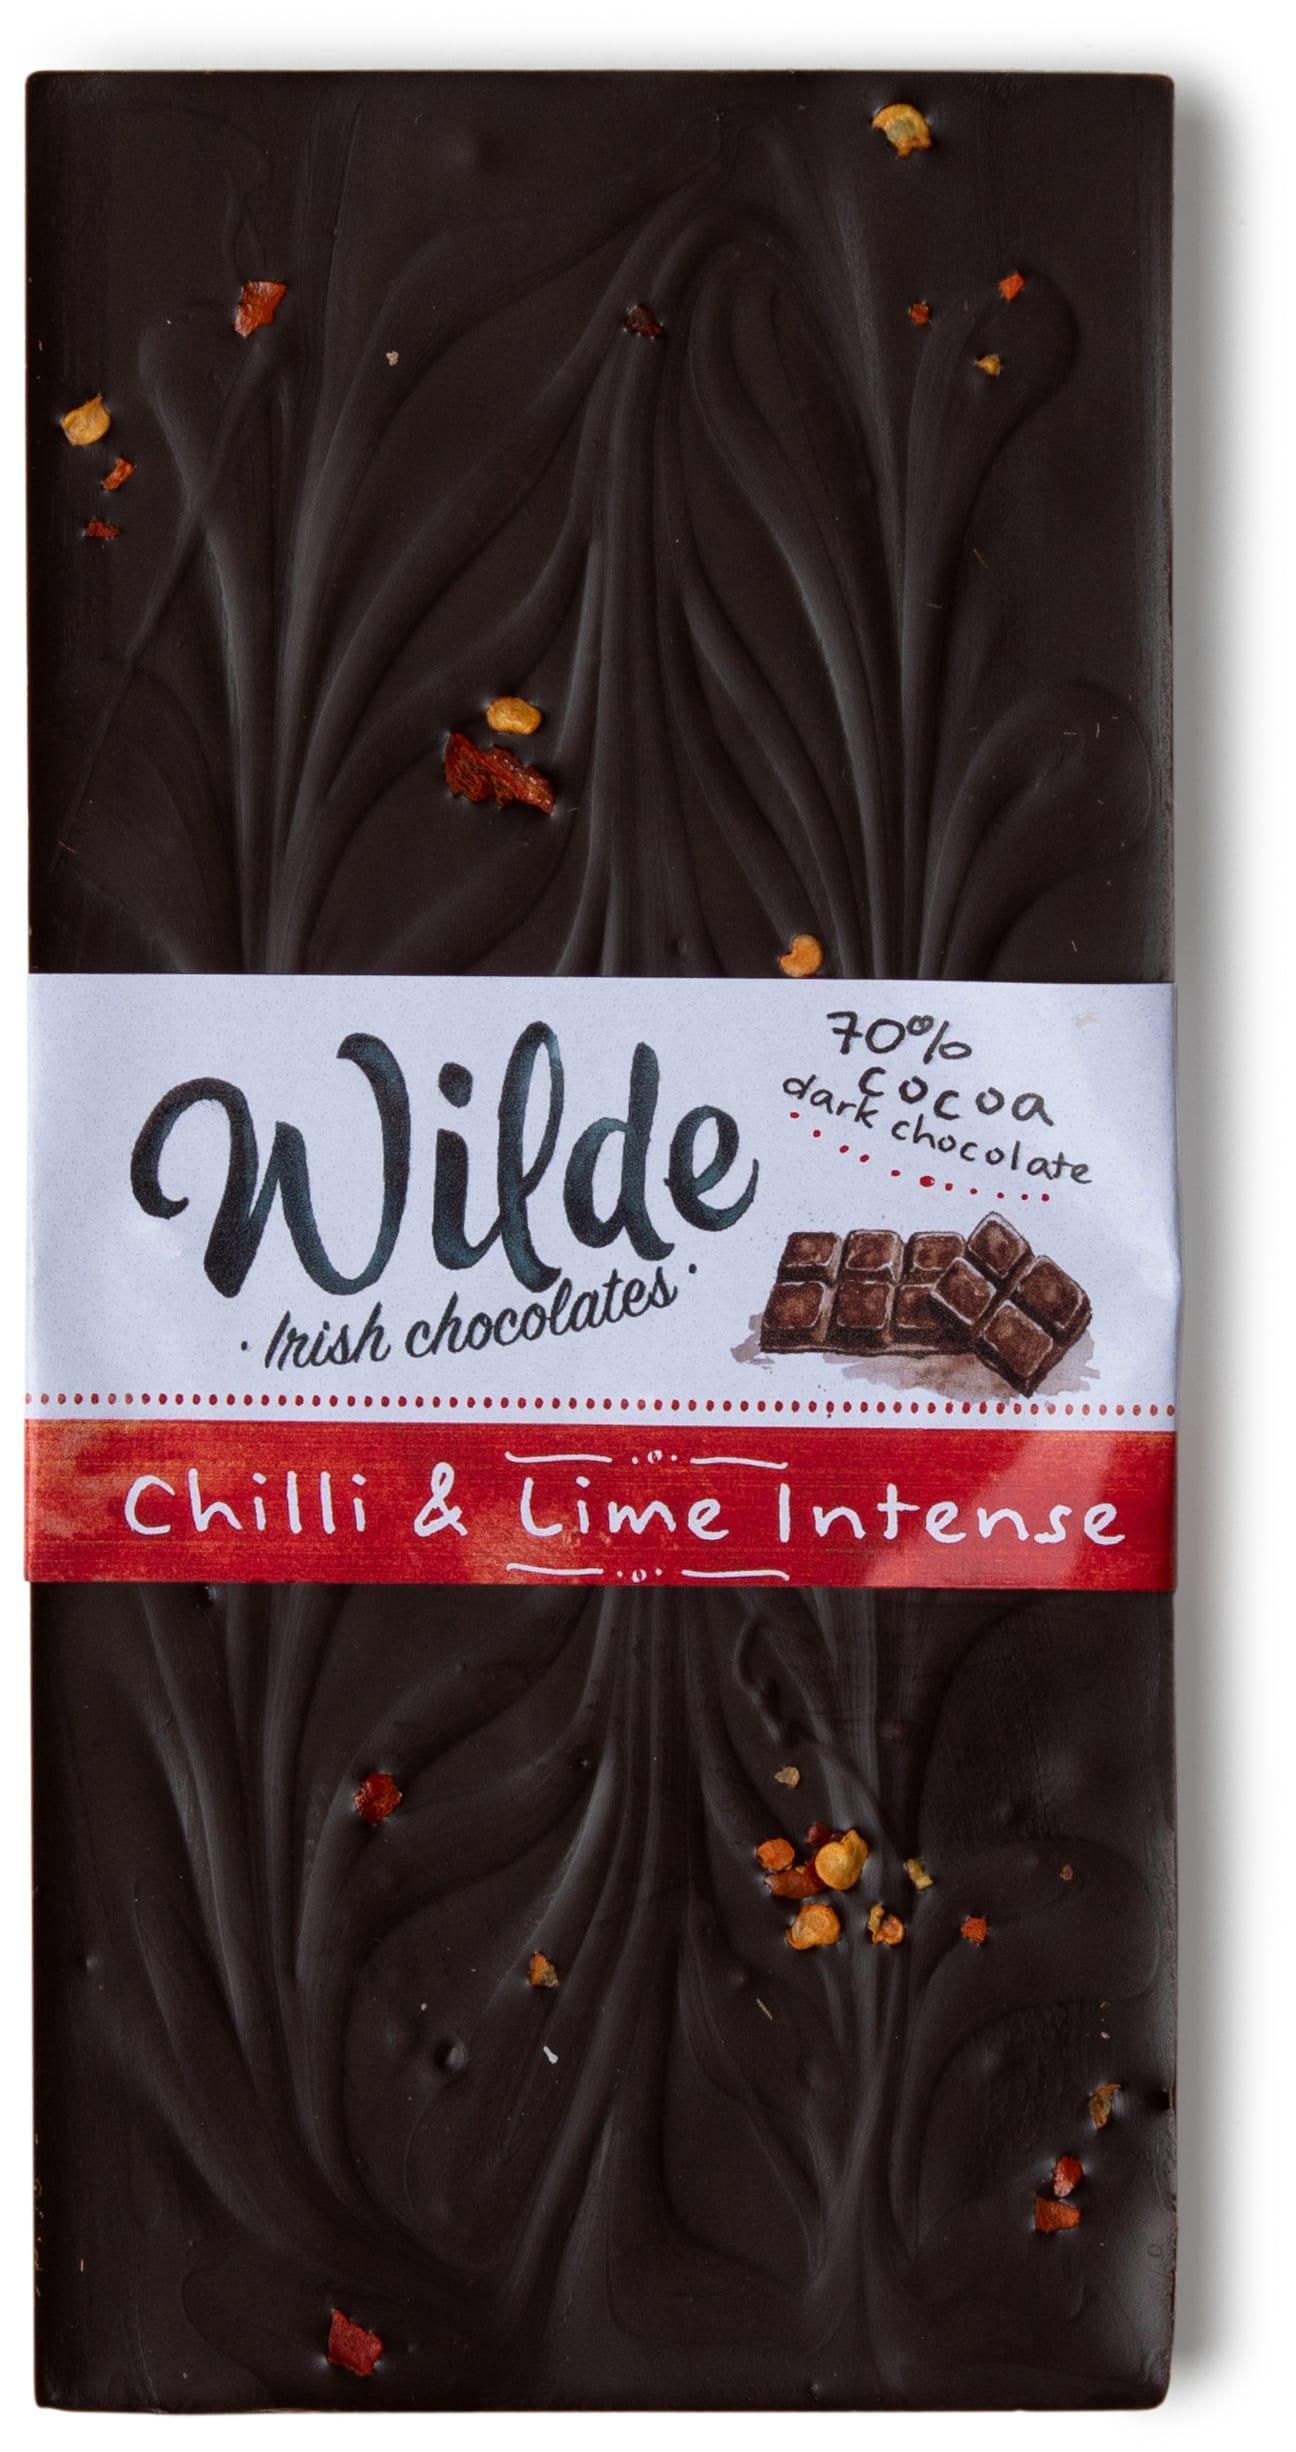 chilli & lime intese chocoalte bar - Wilde Irish Chocolates